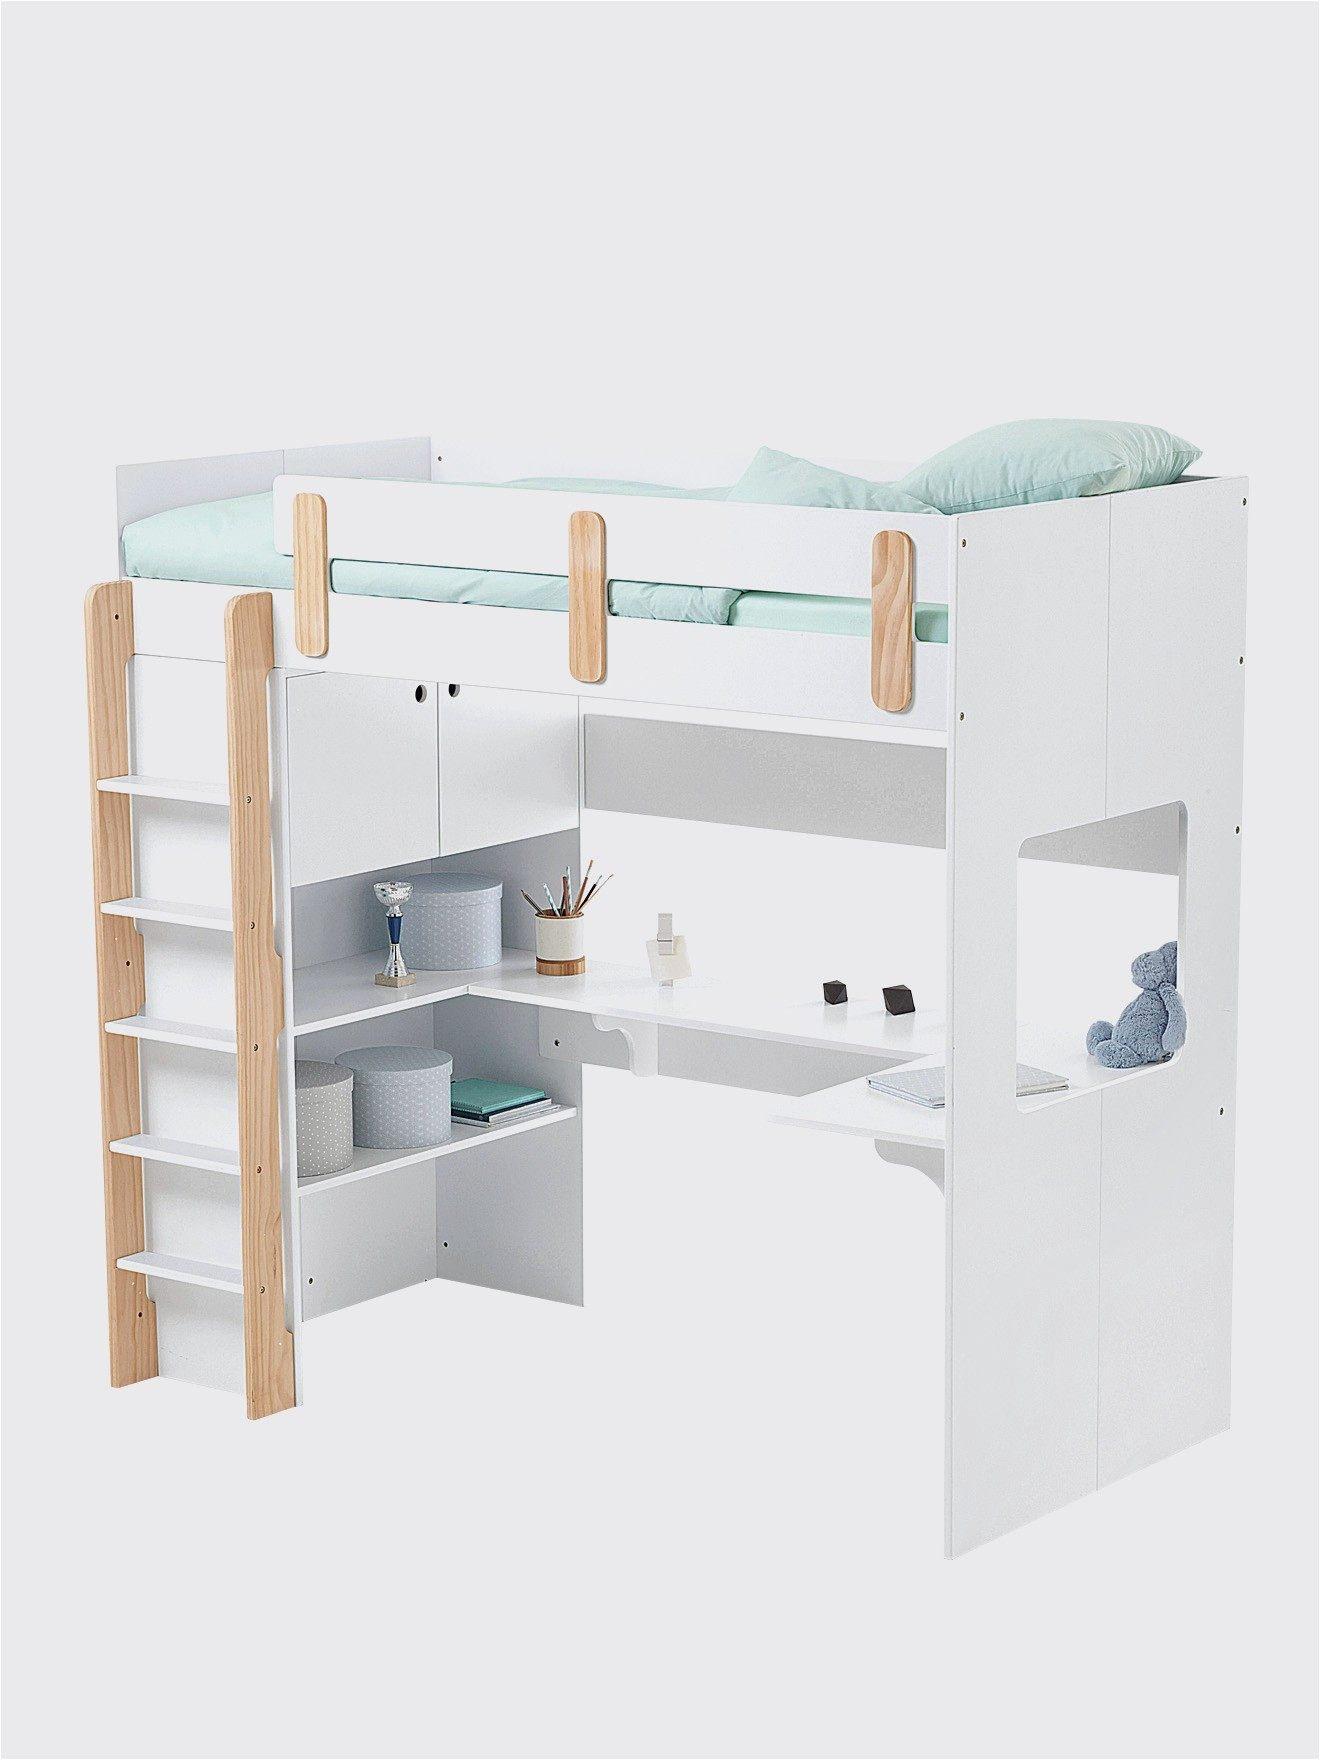 Lit Superposé Gain De Place Inspirant attrayant Chambre Enfant Lit Superposé Et Canapé Lit Gain De Place